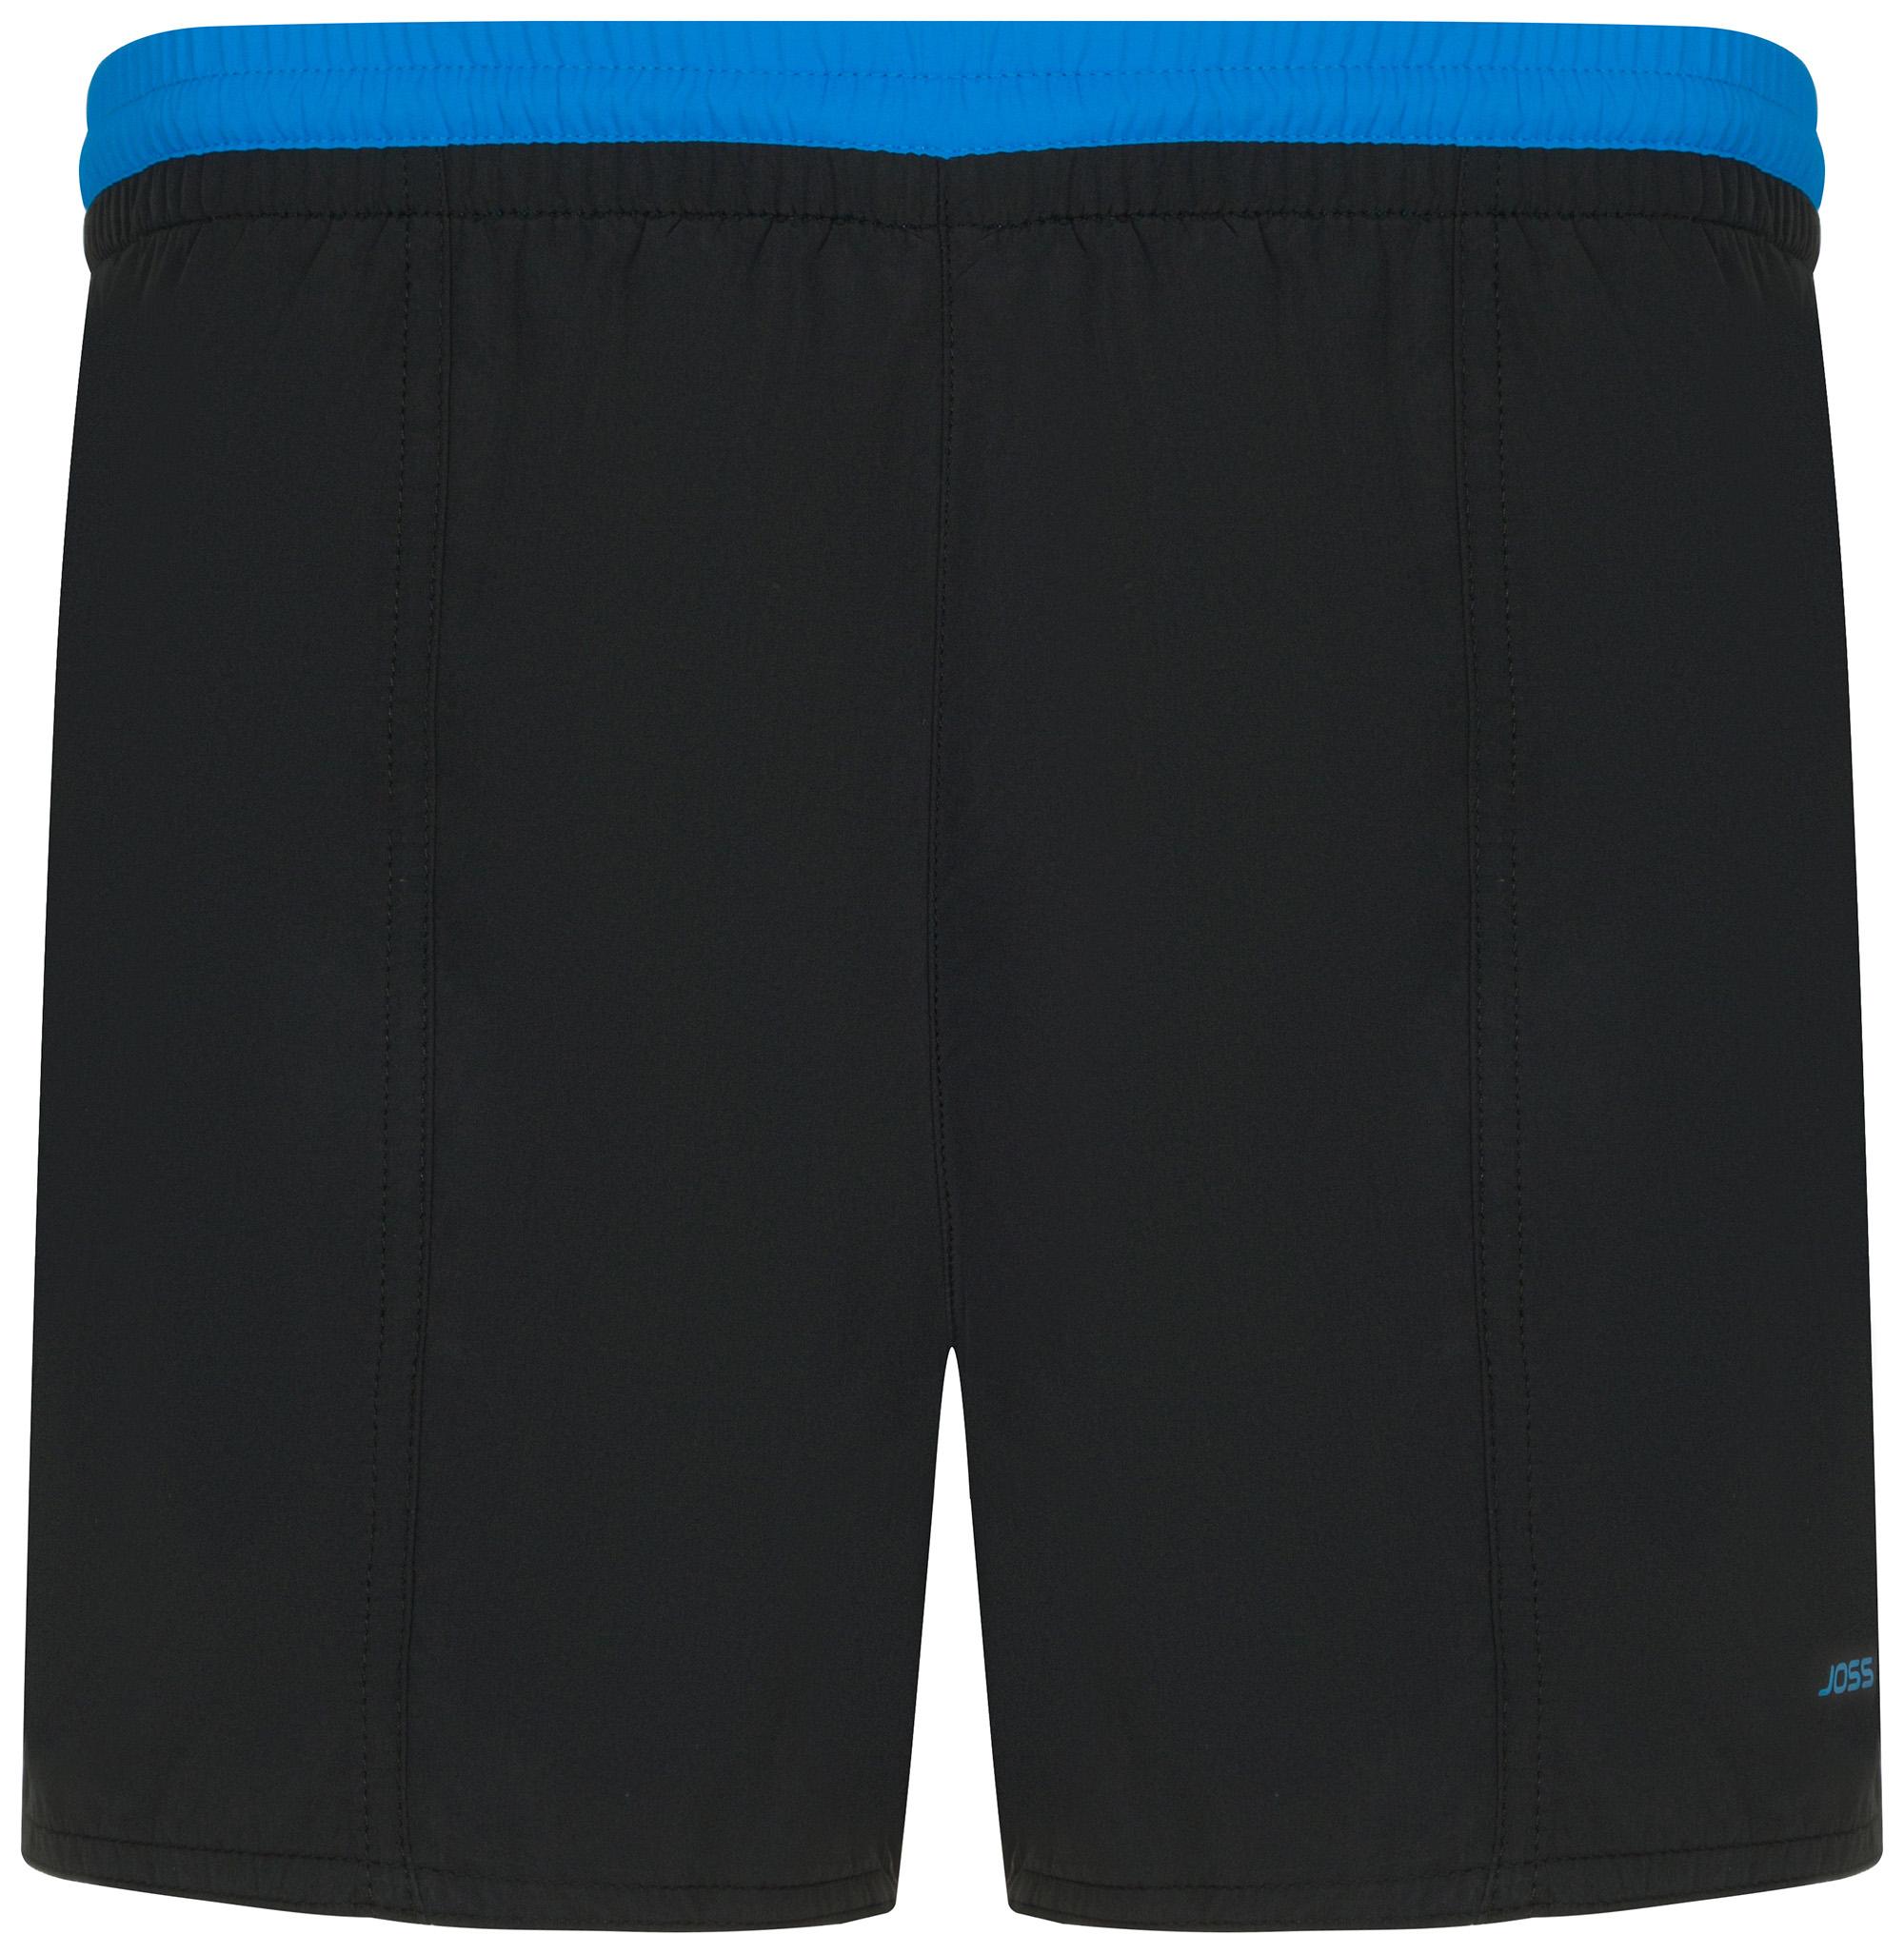 Joss Шорты плавательные мужские Joss, размер 56 цена и фото